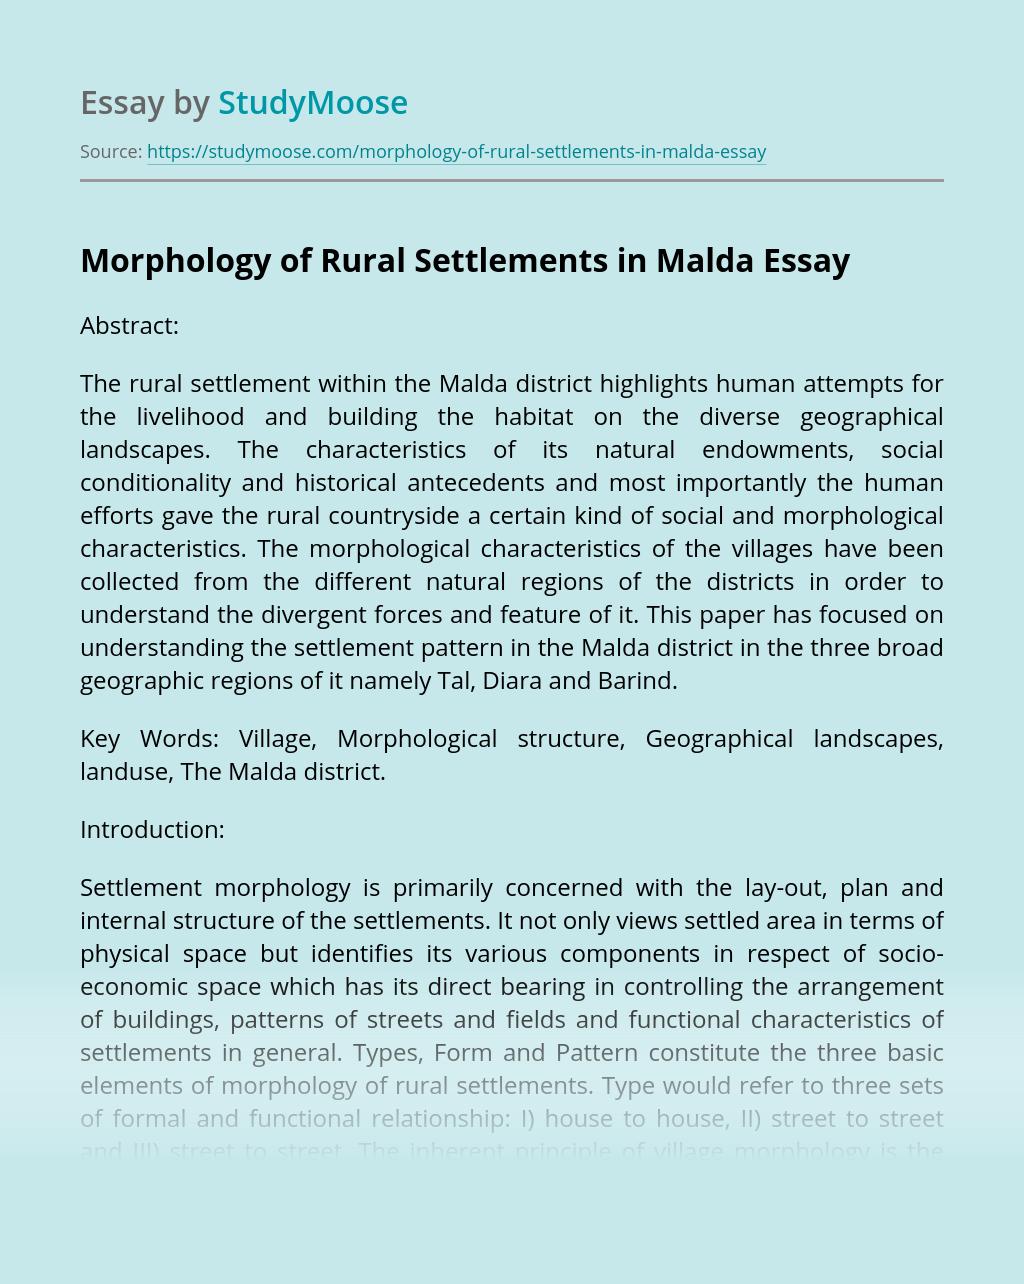 Morphology of Rural Settlements in Malda